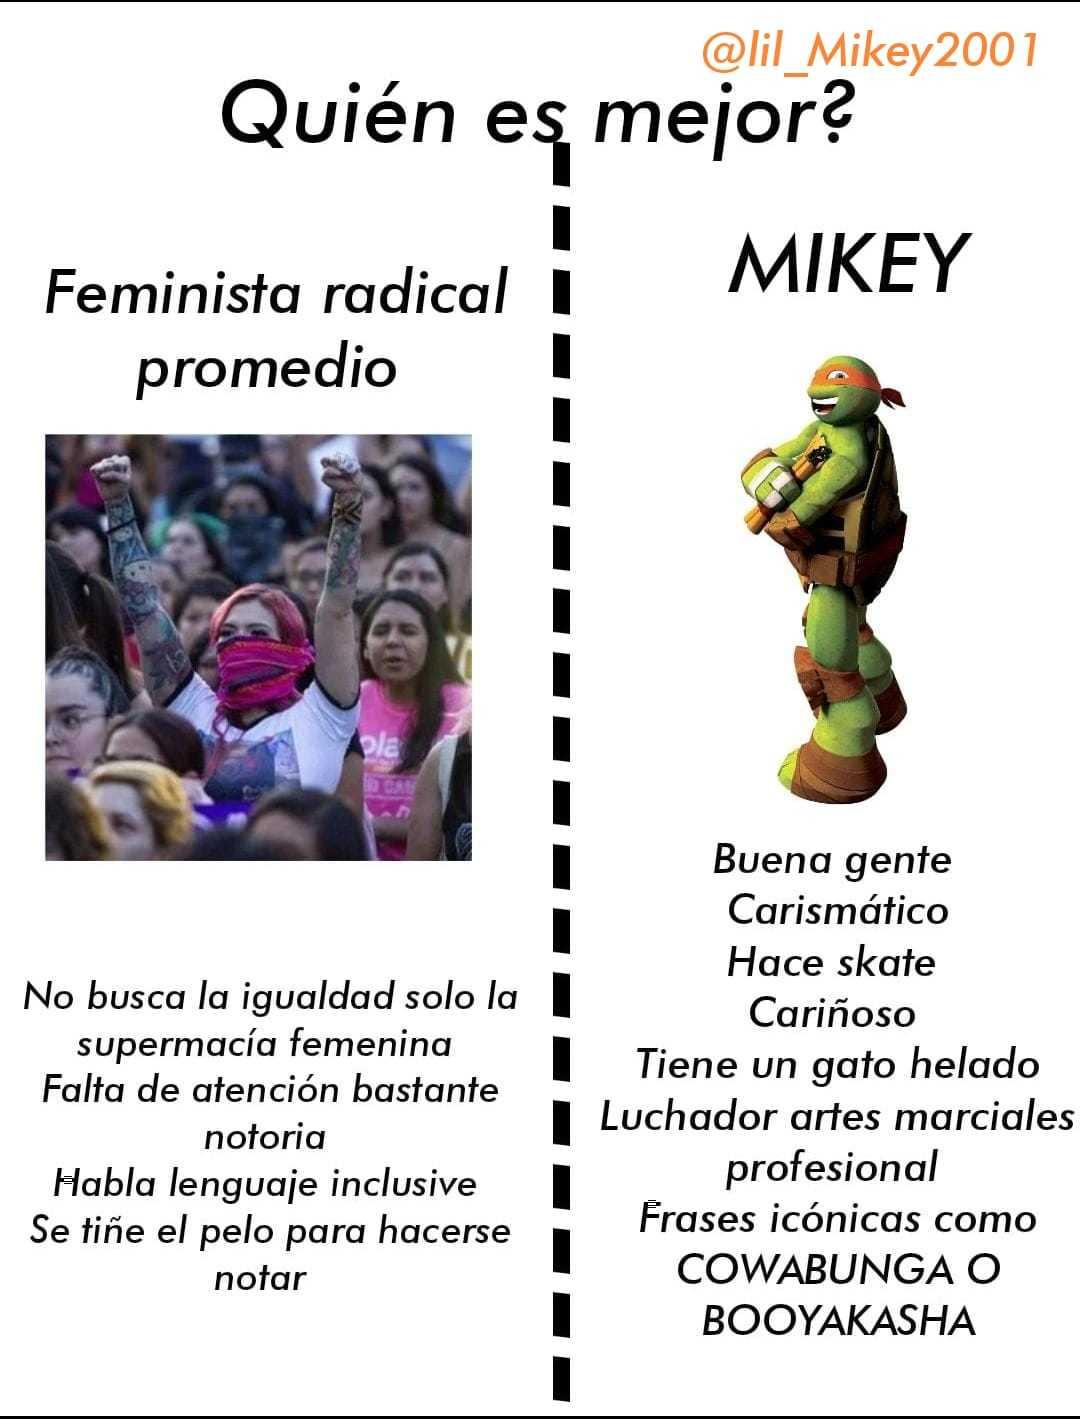 Feminista v mikey - meme